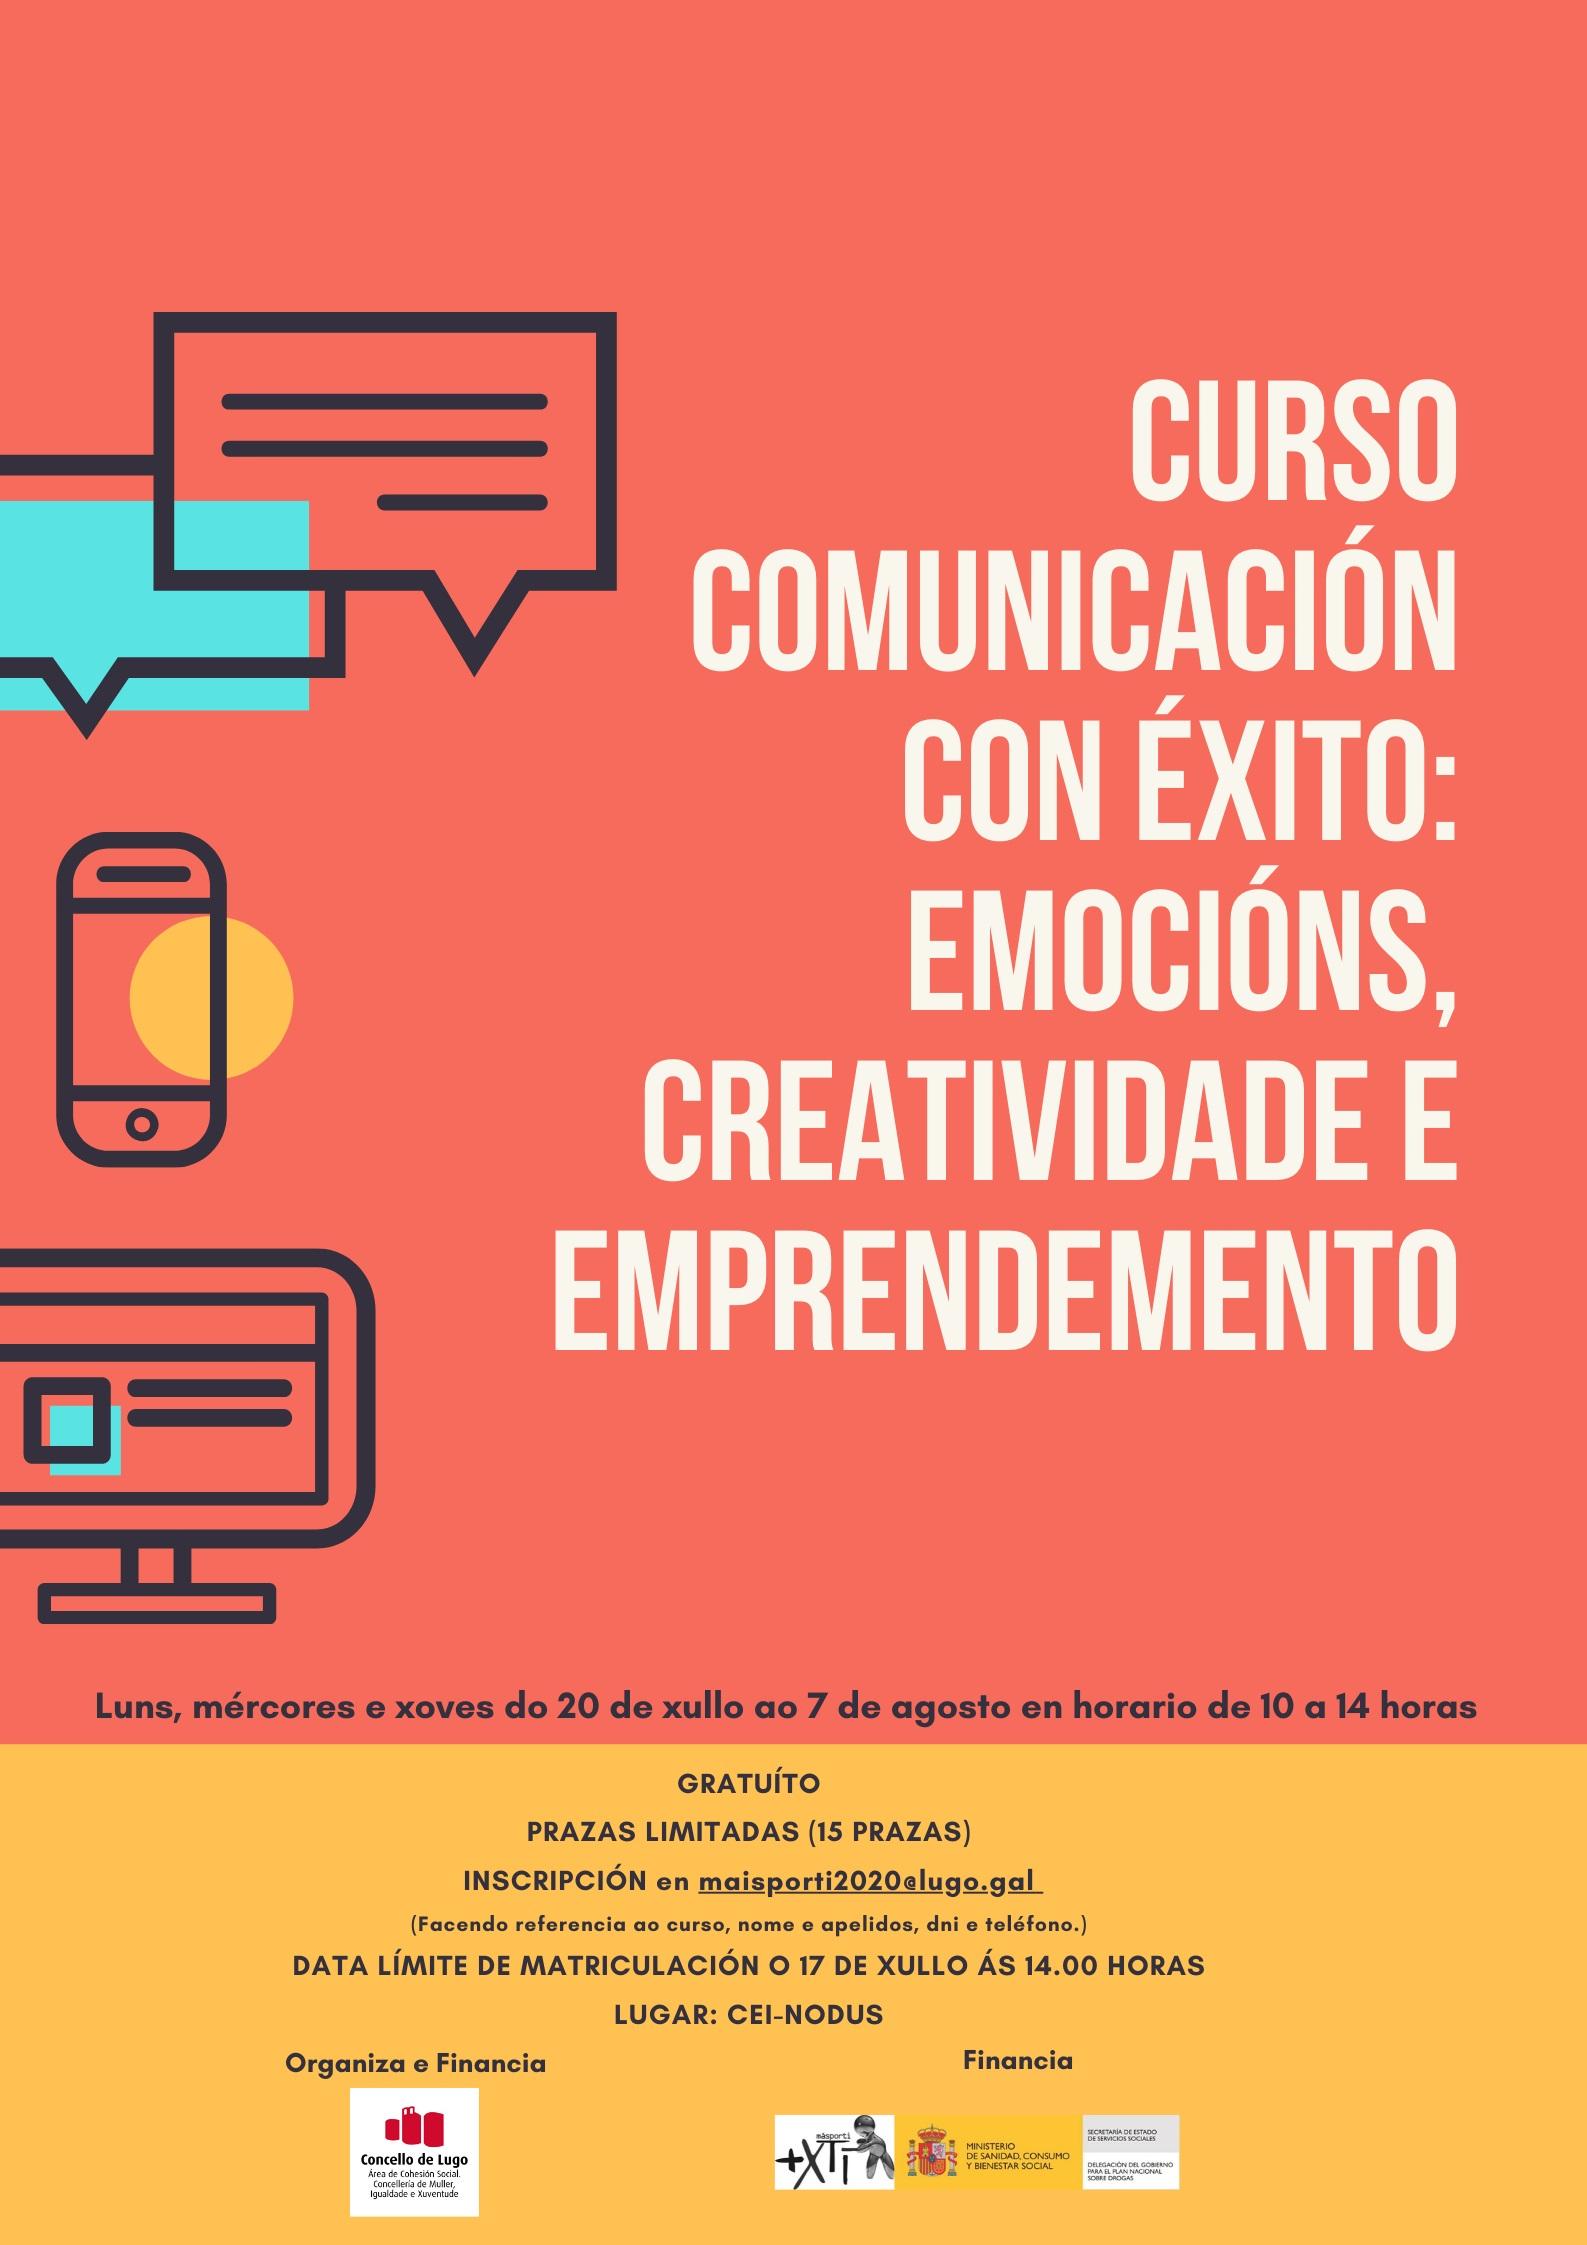 cartel_curso_comunicacion_xti